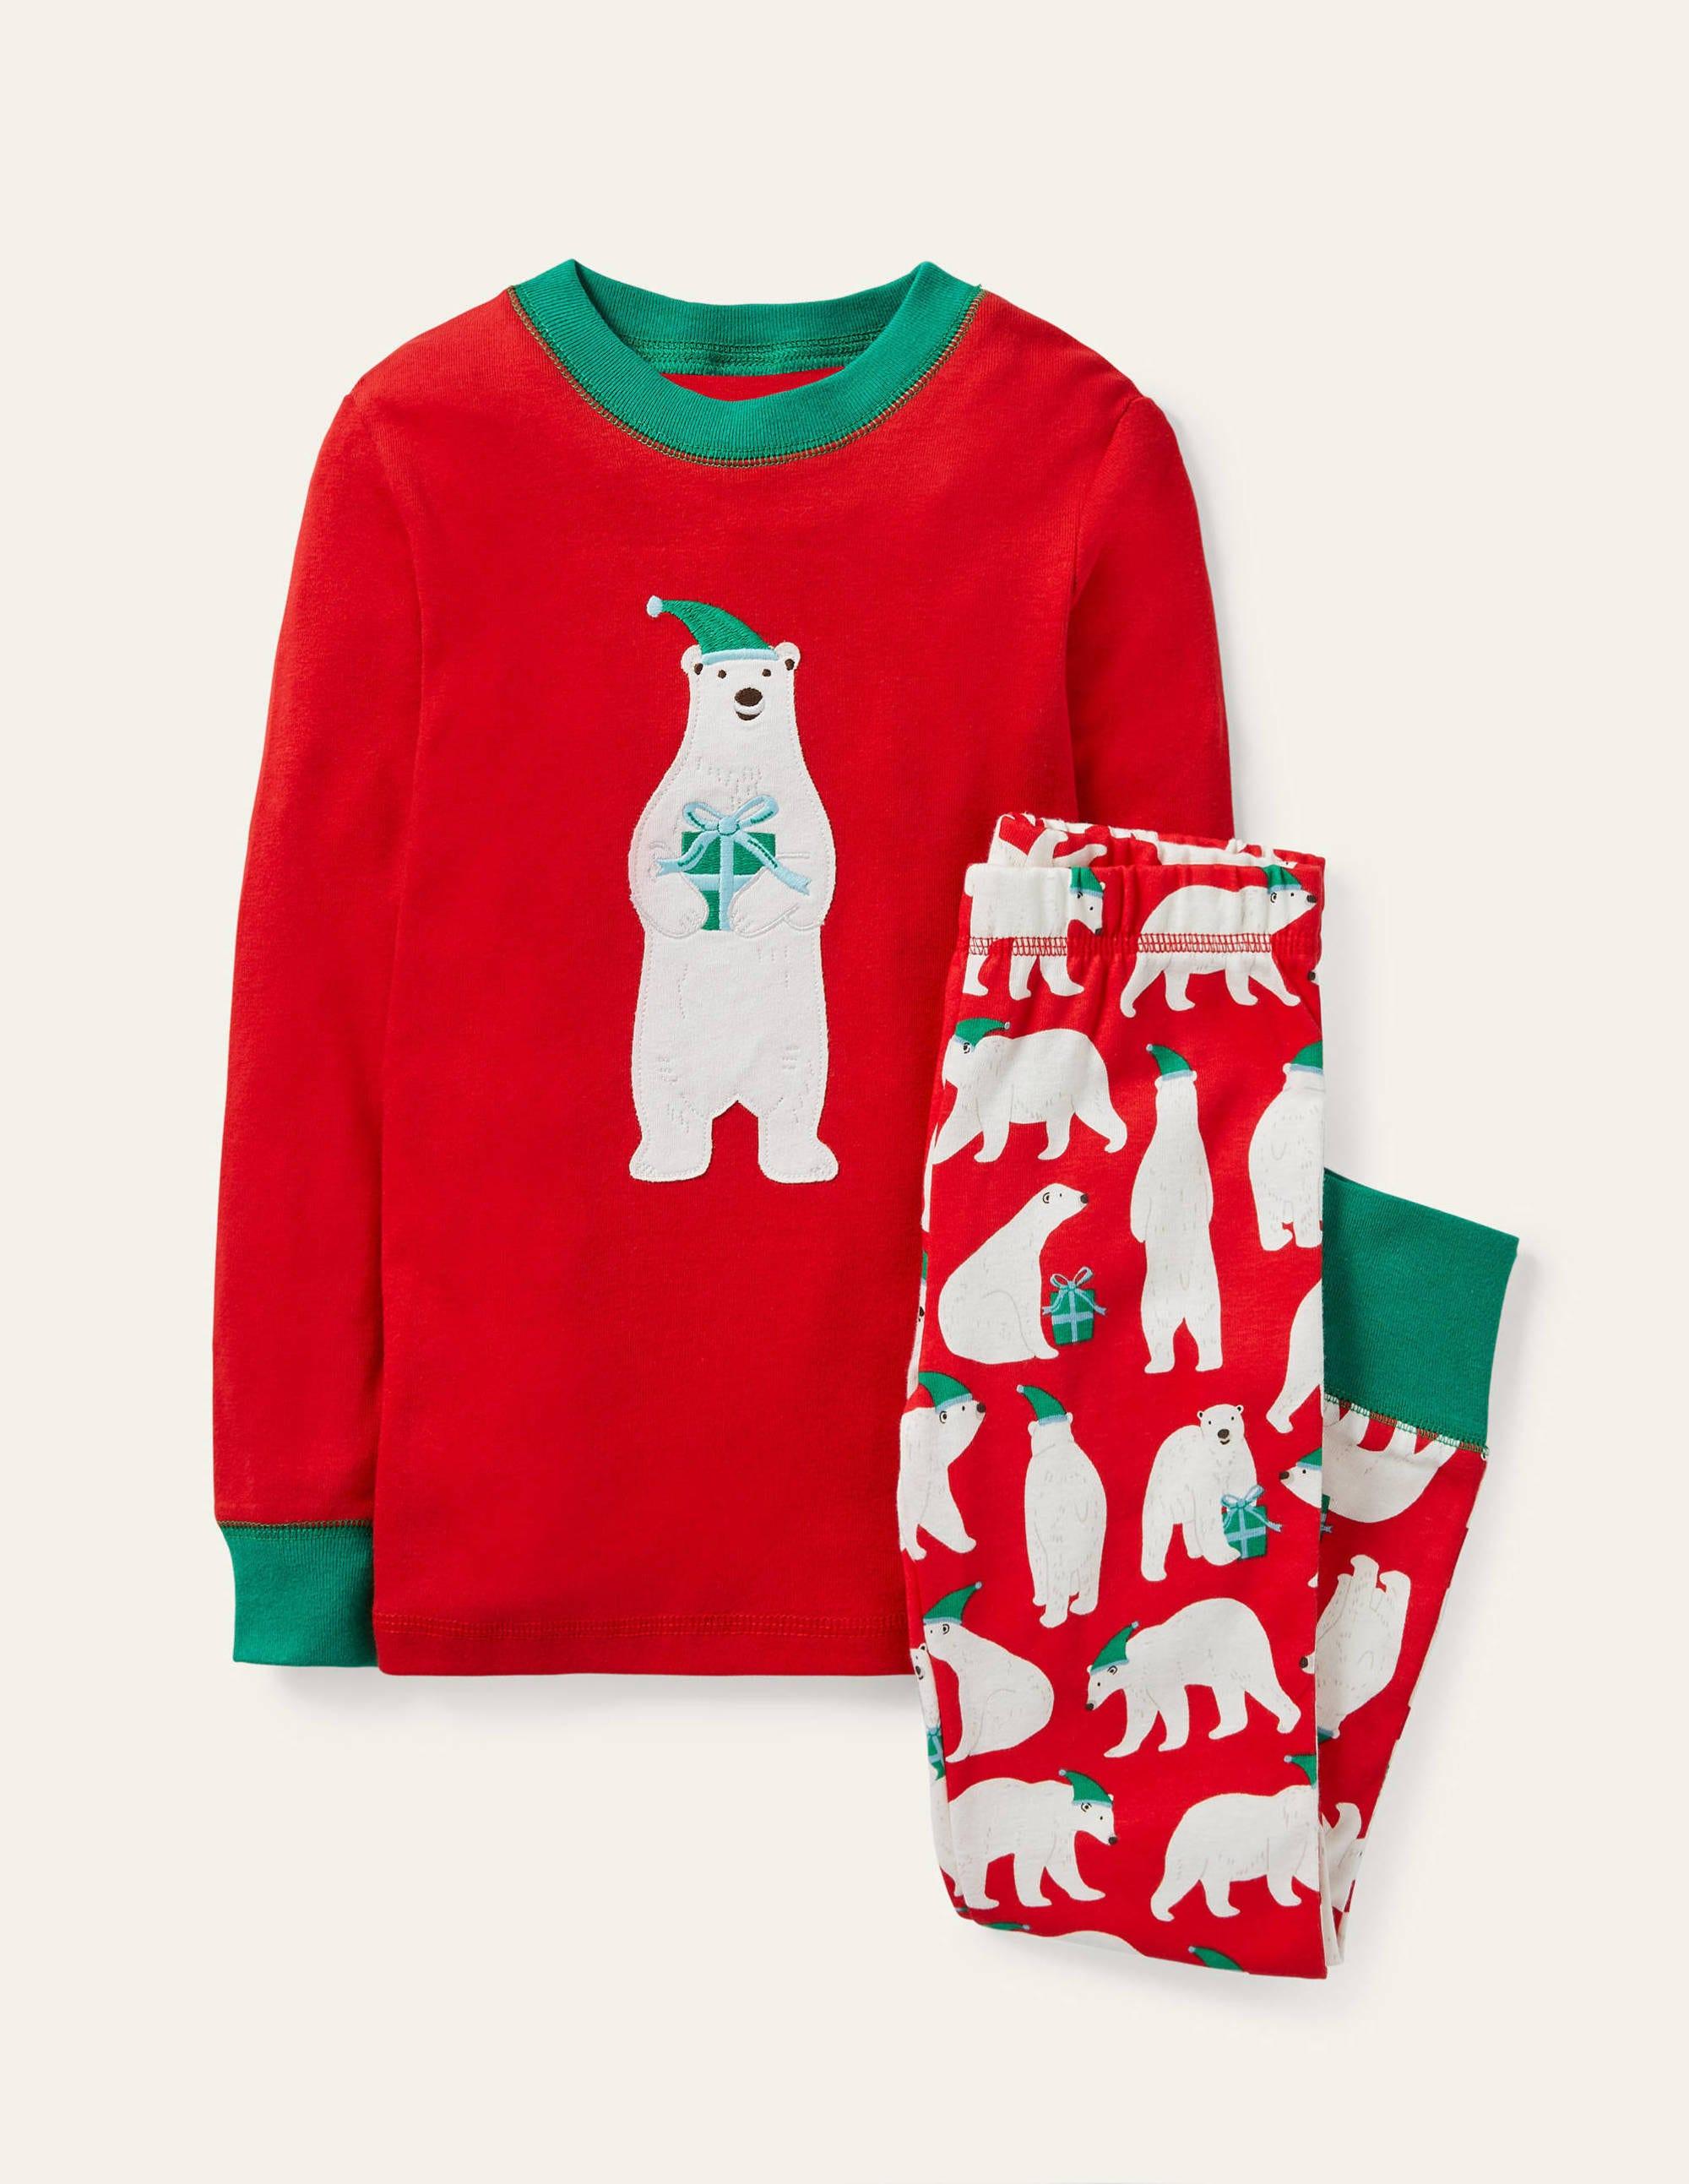 Boden Cosy Applique Long Pajamas - Hot Pepper Red Polar Bear